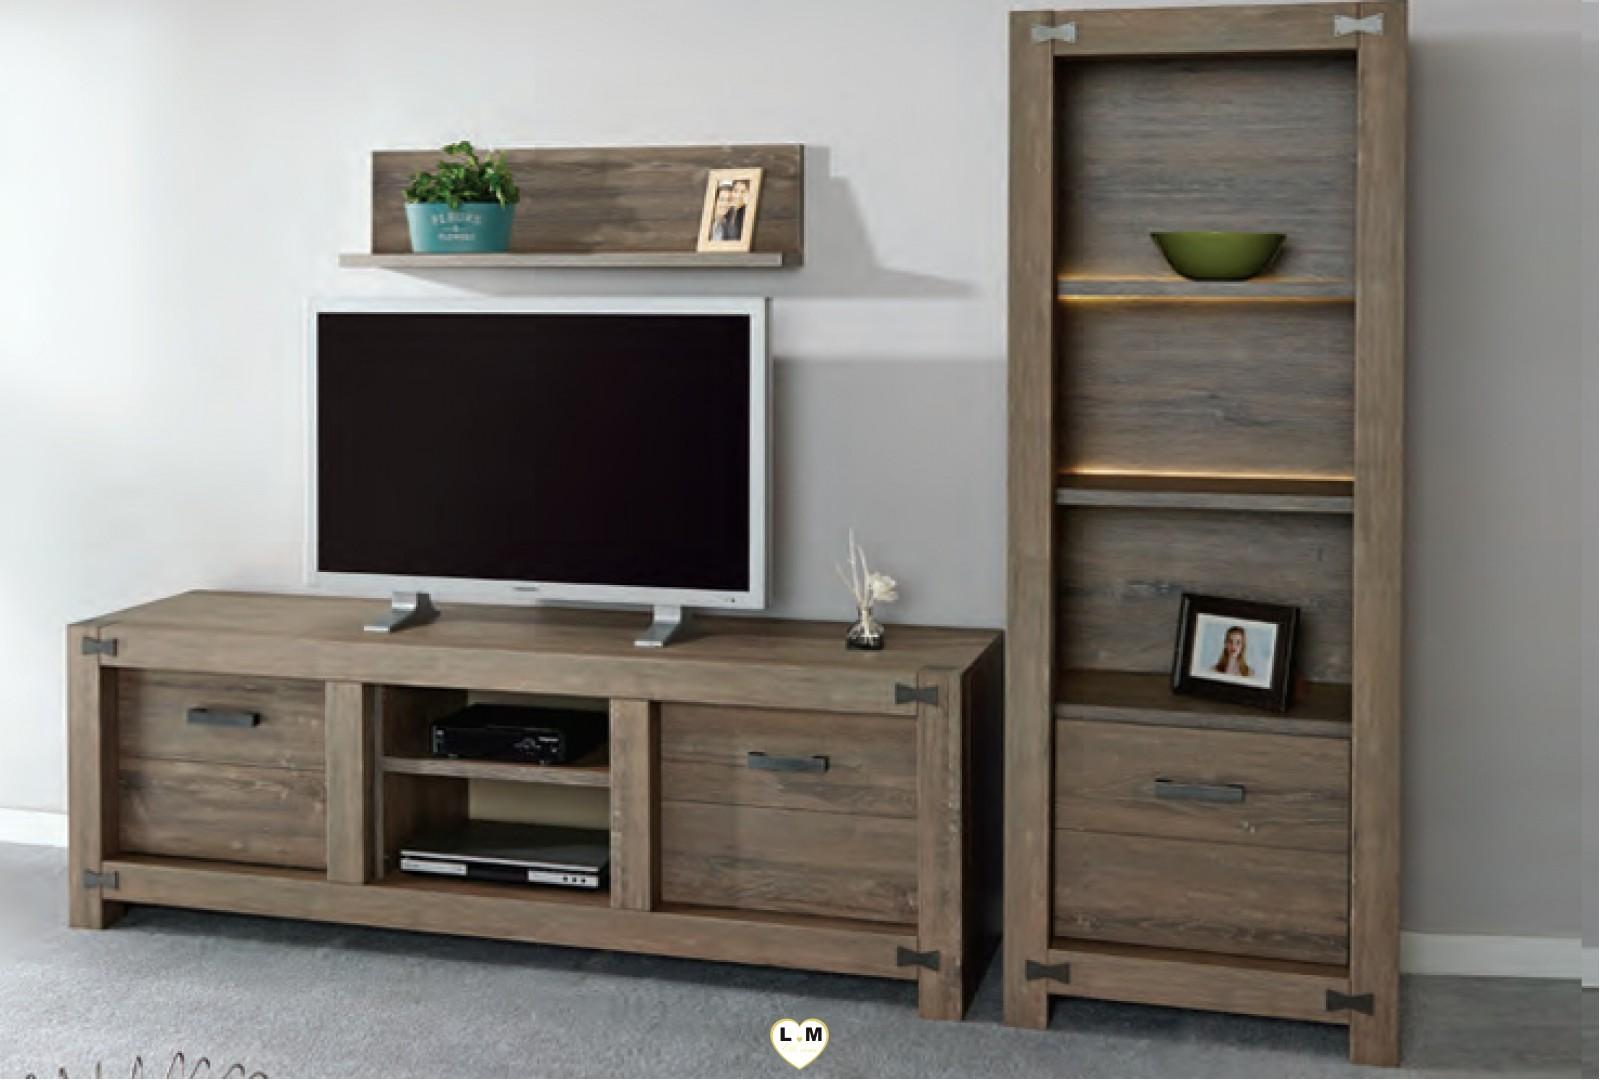 Papillon chene brun ensemble salle a manger lignemeuble com for Ensemble salle a manger et meuble tv